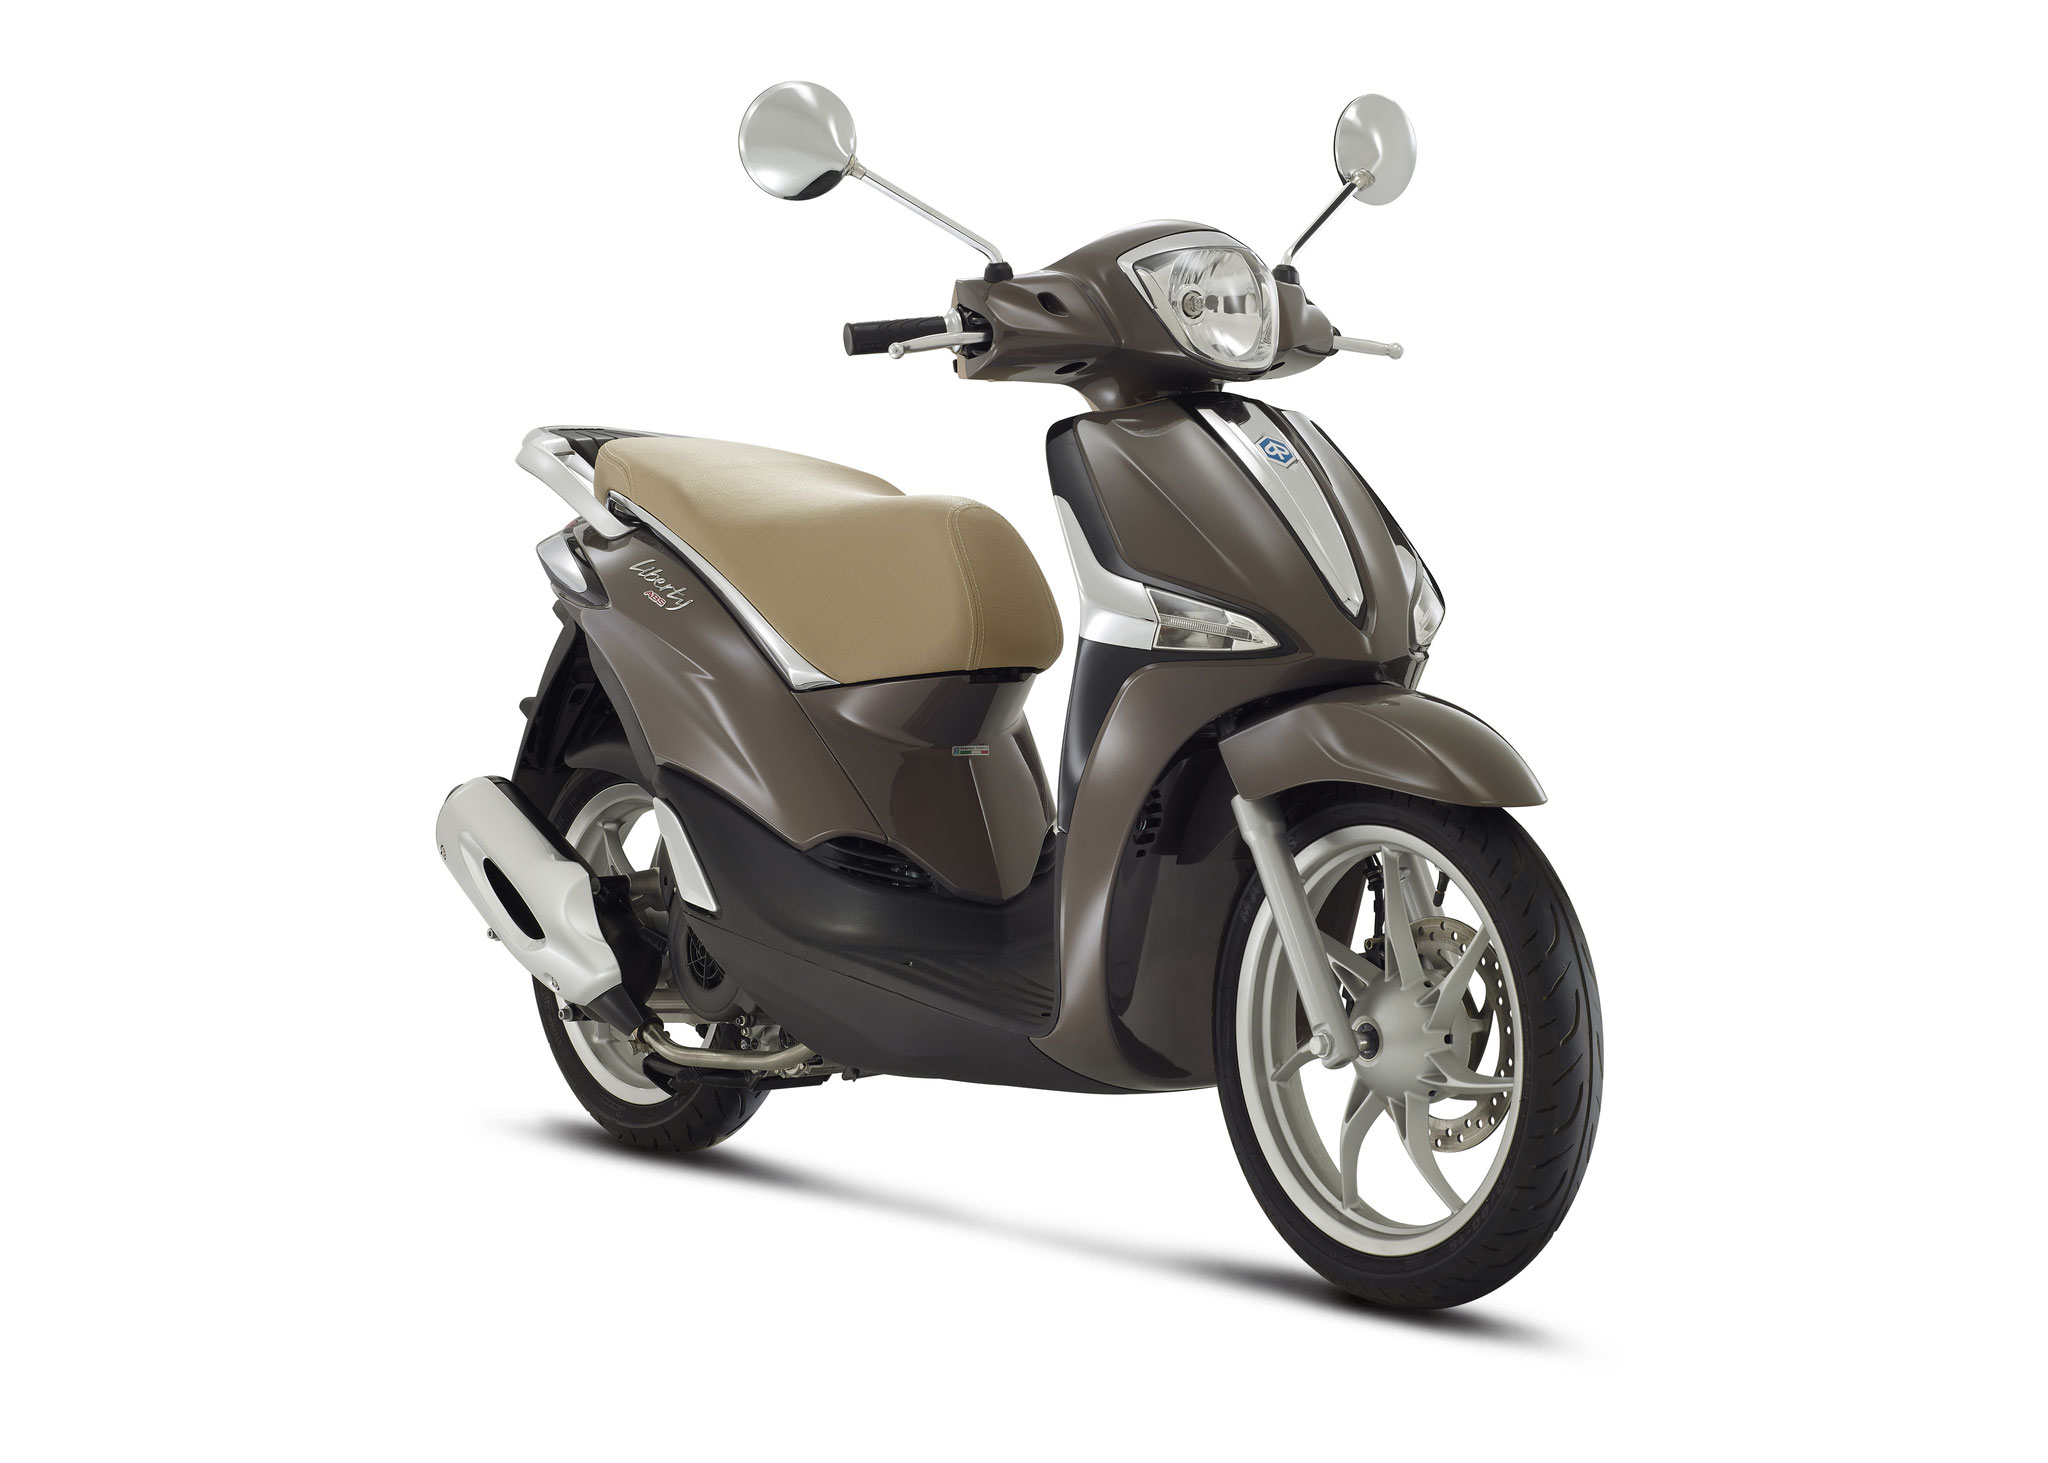 Piaggio Liberty 4t3v Iget Euro4 25/45 km/h bruin: € 2609,- Voor meer informatie, klik op de foto.